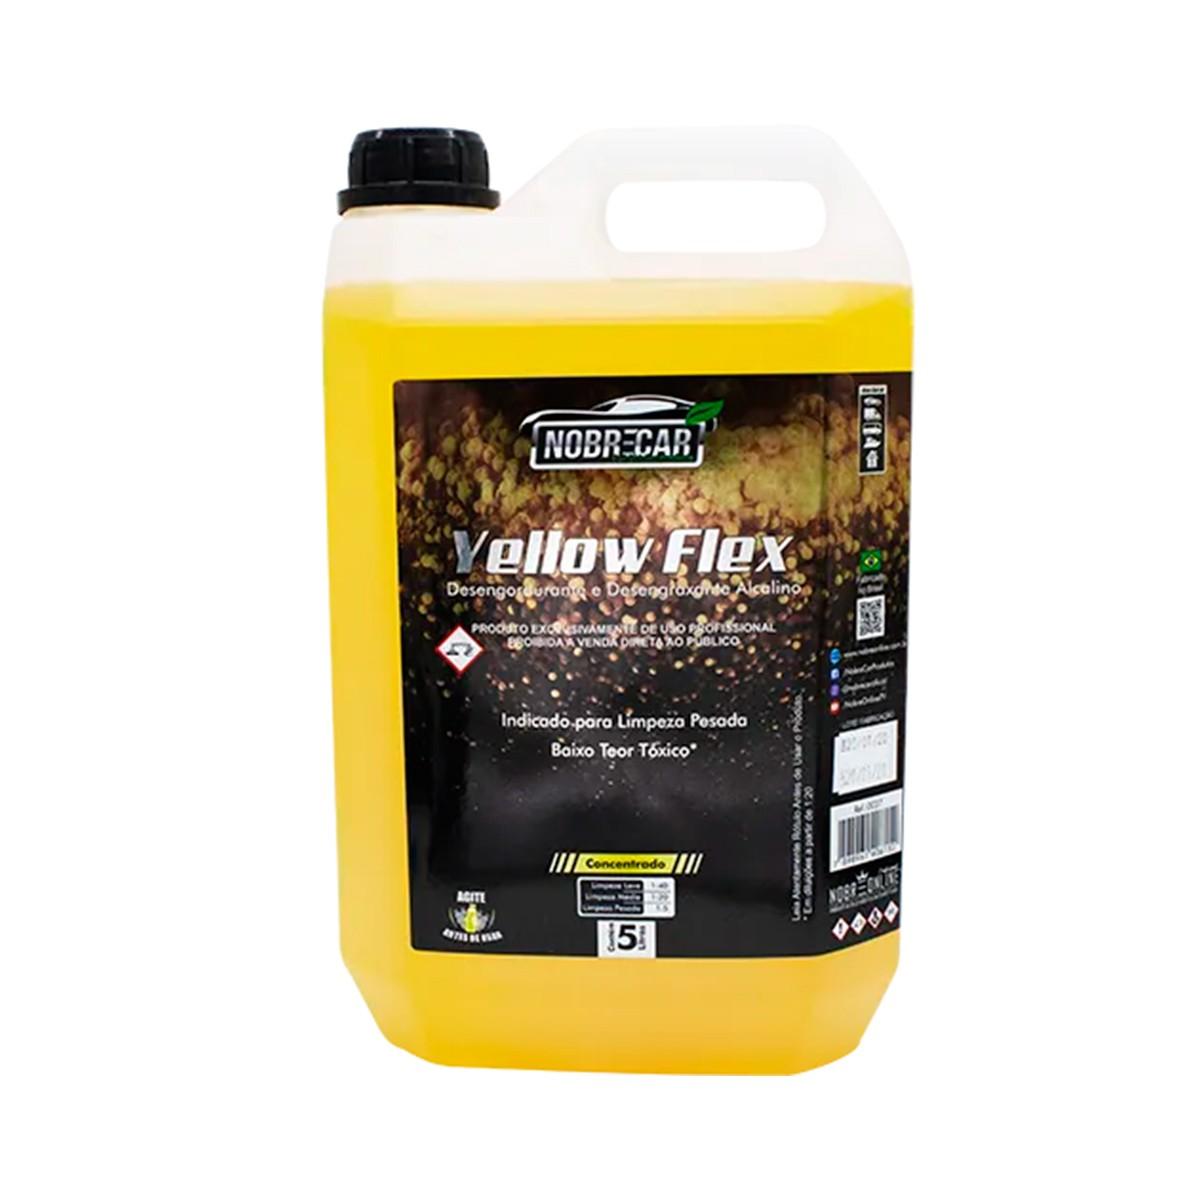 Yellow Flex - Desengordurante e Desengraxante Alcalino 5L - Nobrecar